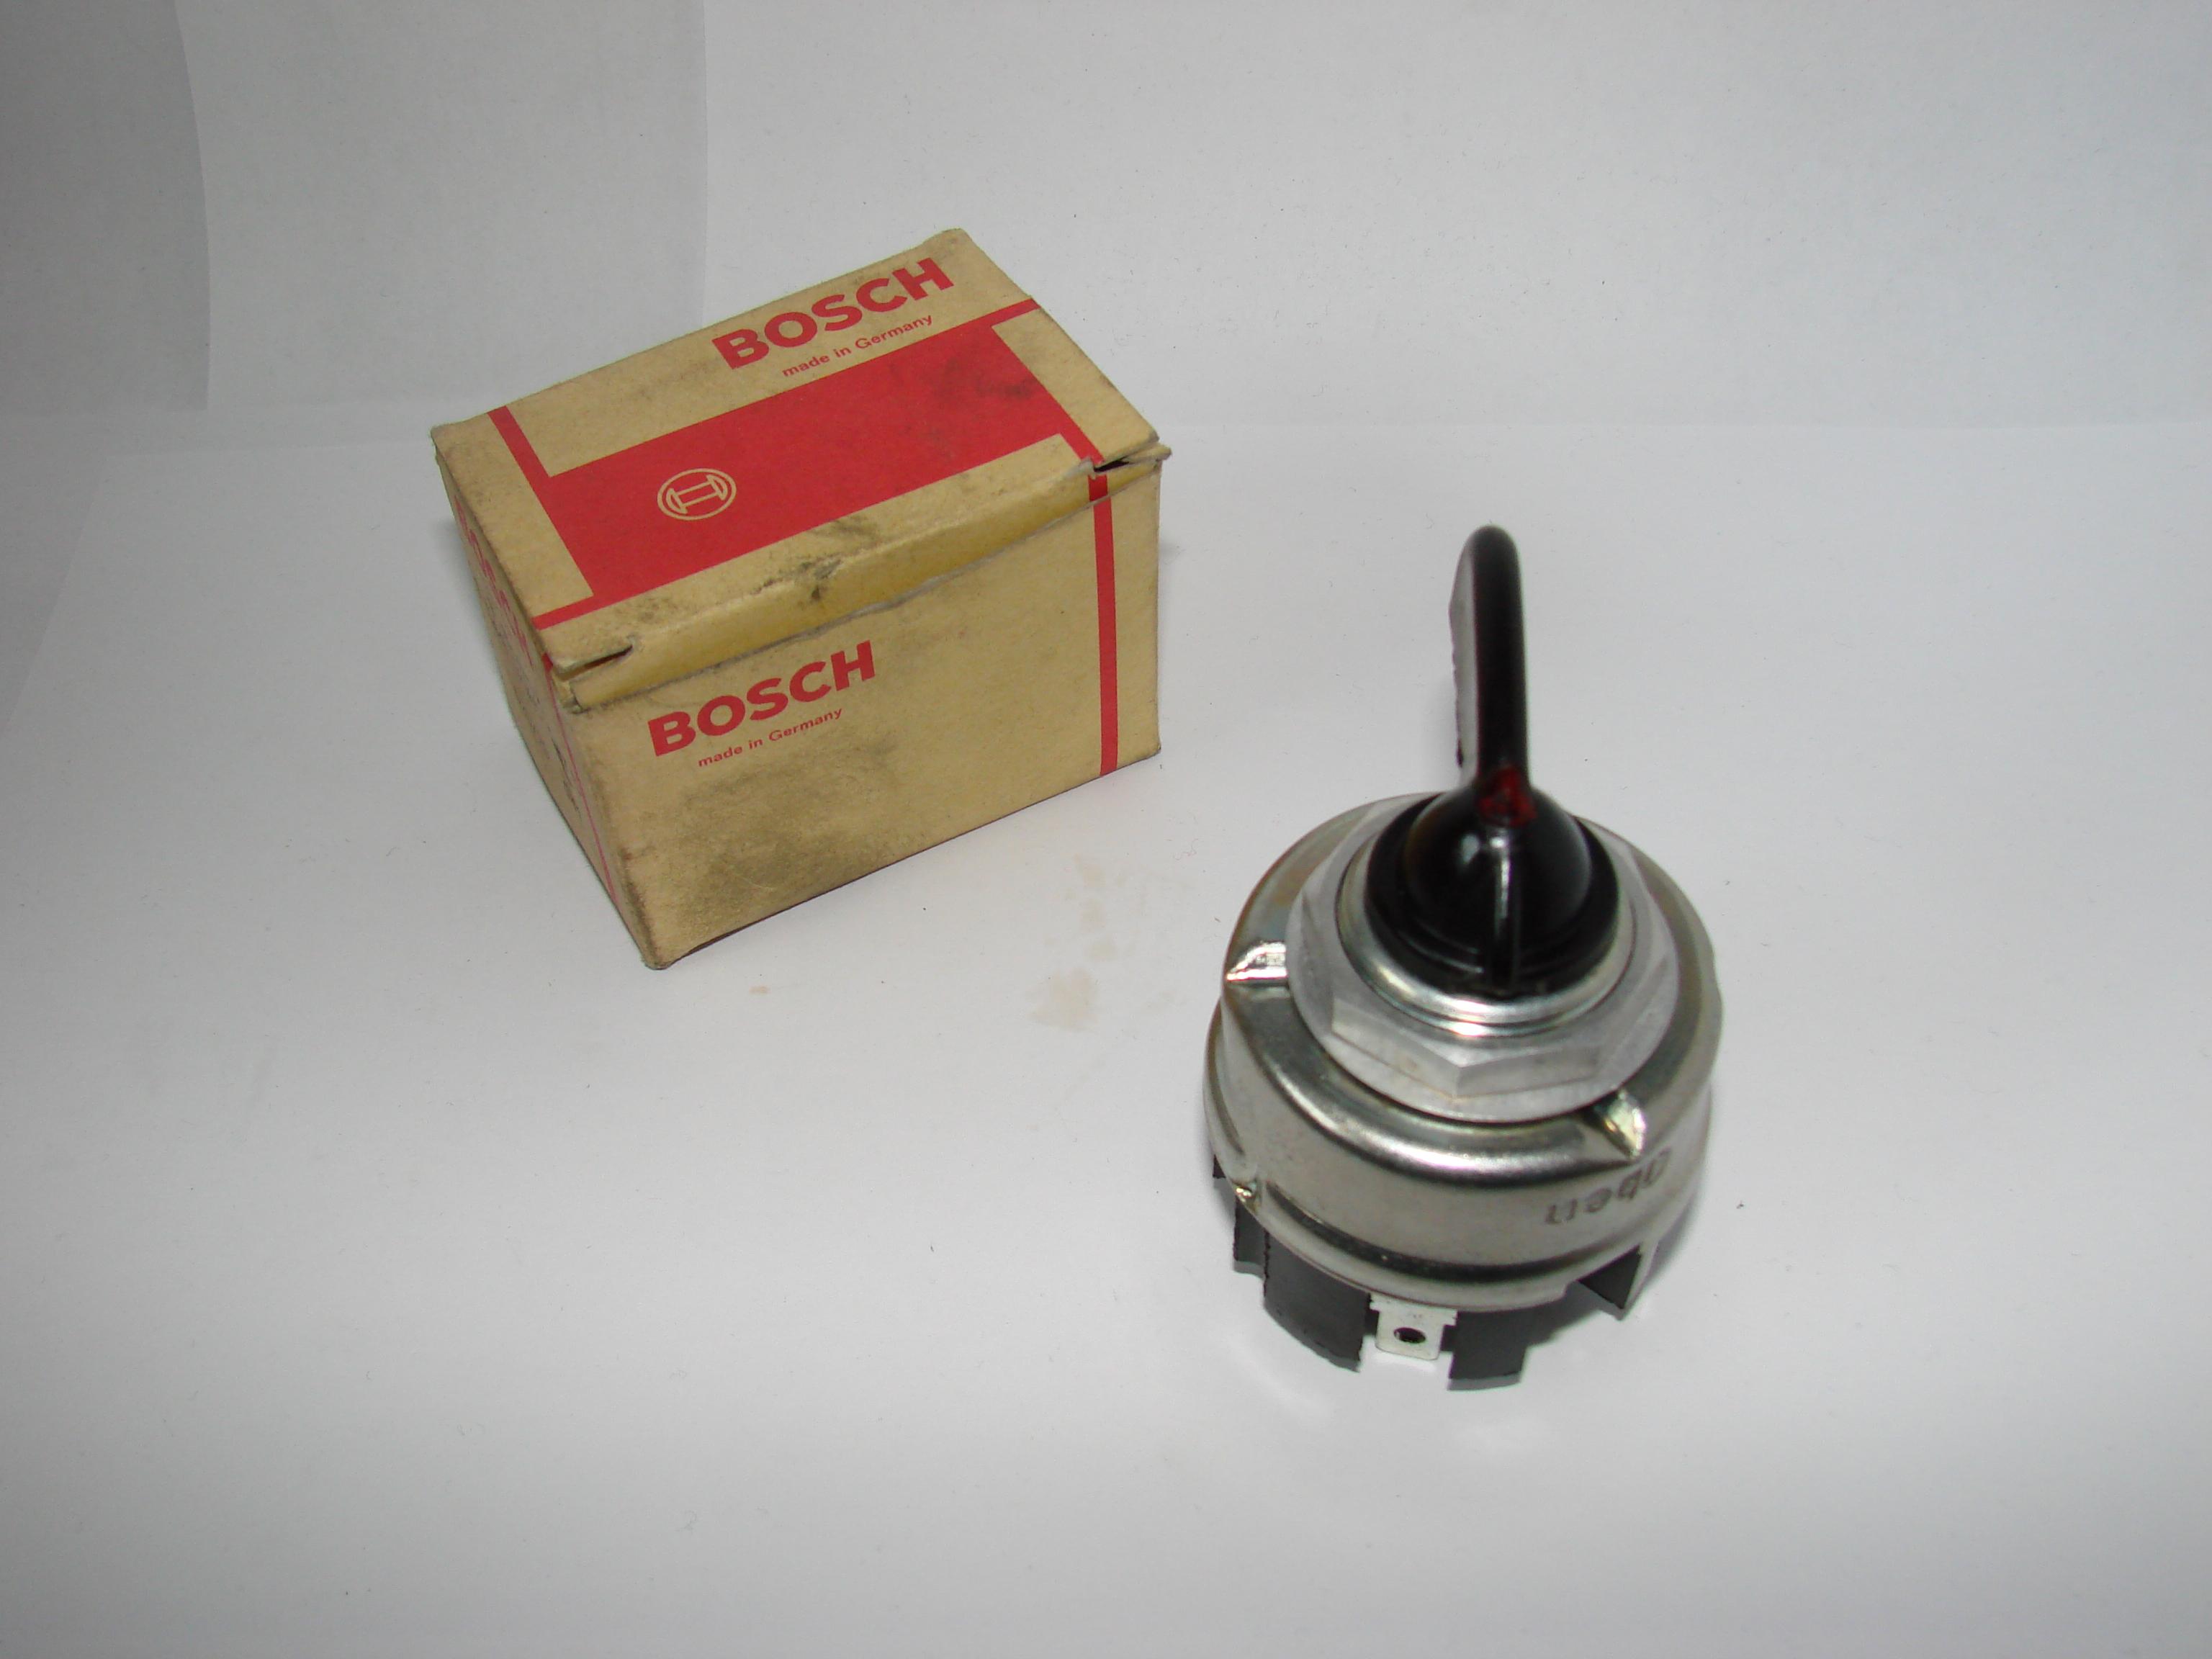 Bosch 0341301005 Schalter Blinkschalter Case IH Fendt Steyr Massey Ferguson